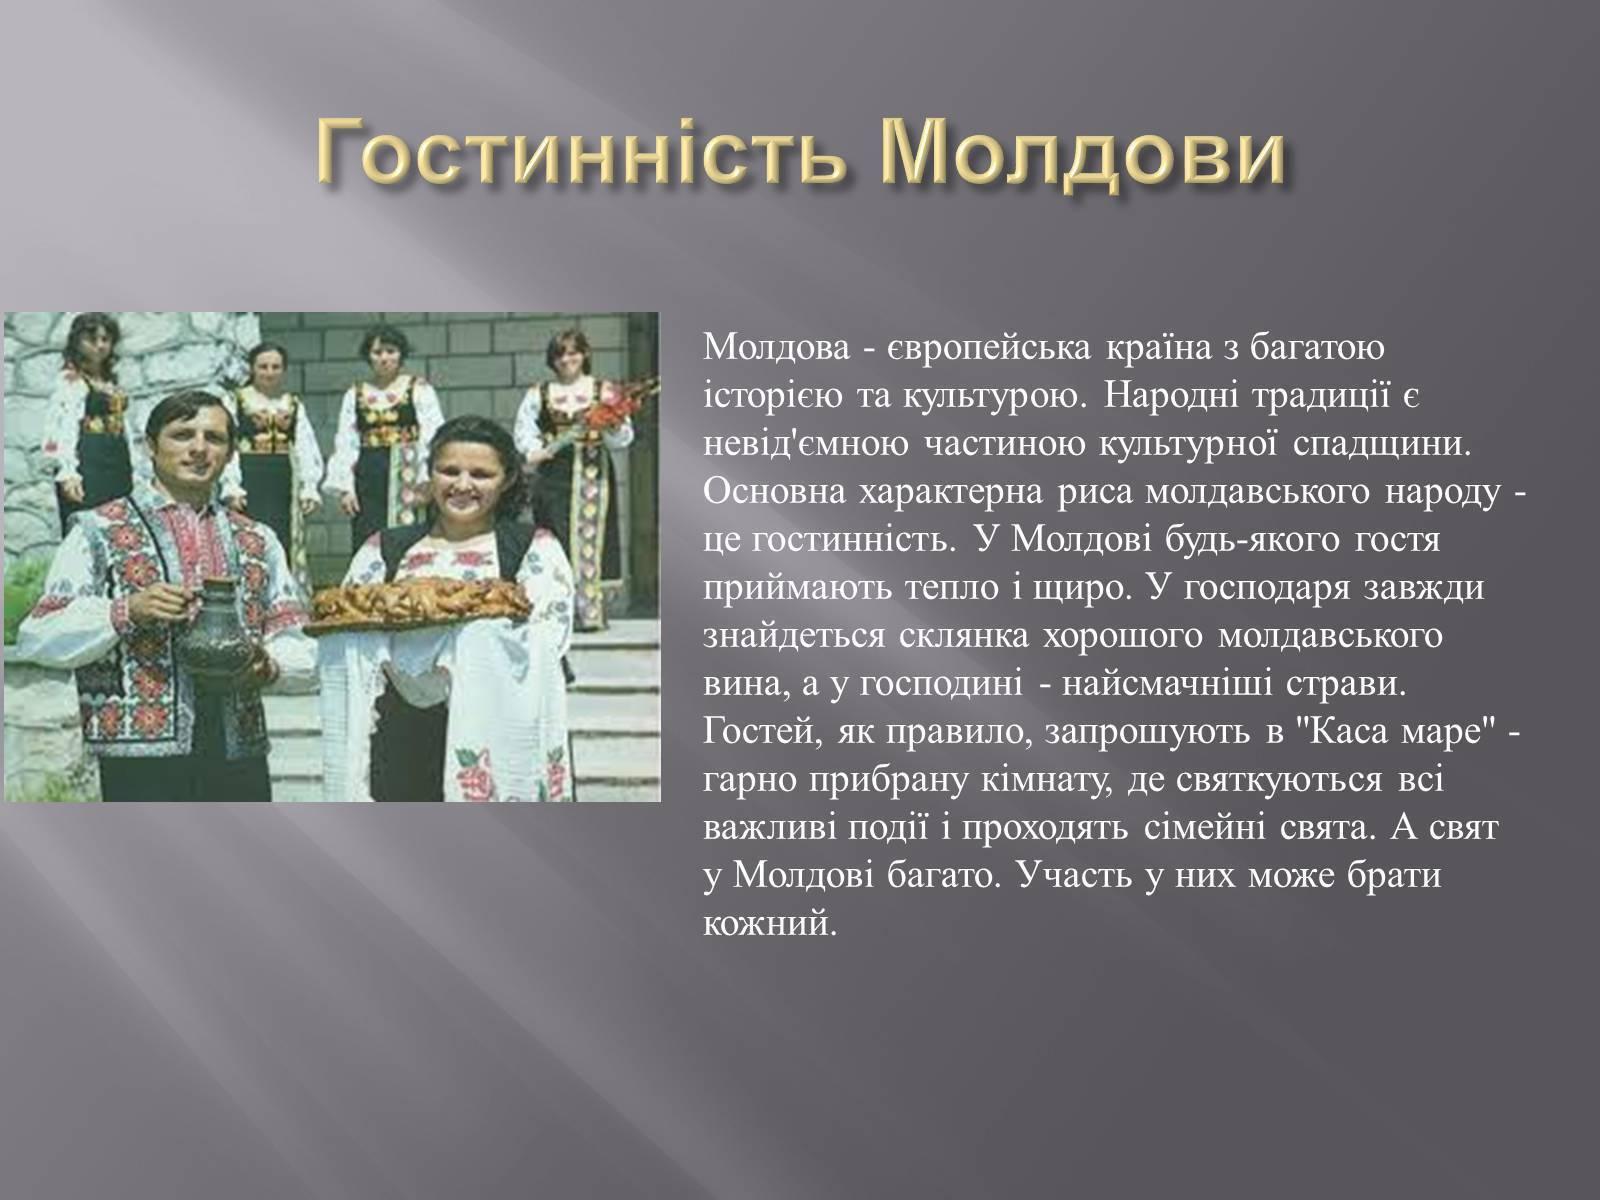 Русско - молдо/румынский словарь